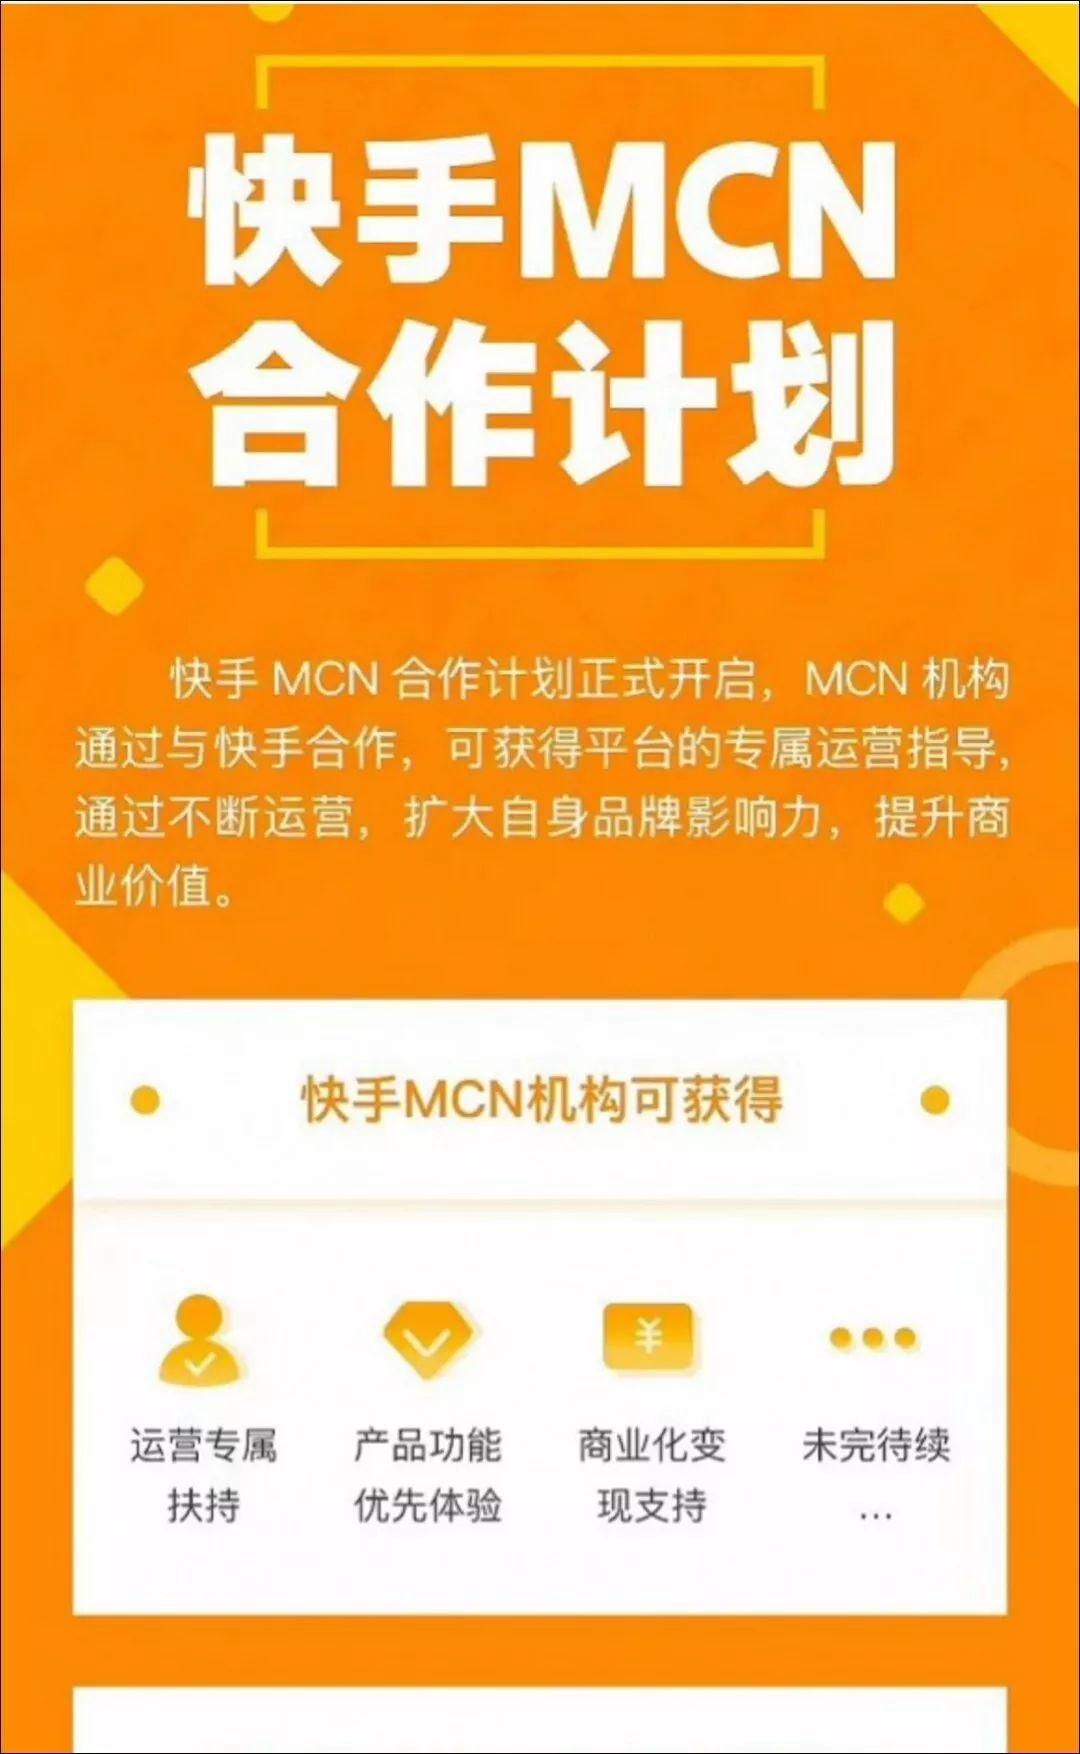 云尚娱乐:短视频周榜丨快手战略投资知乎;综艺账号涨粉59万;4万粉丝达人获540万播放量